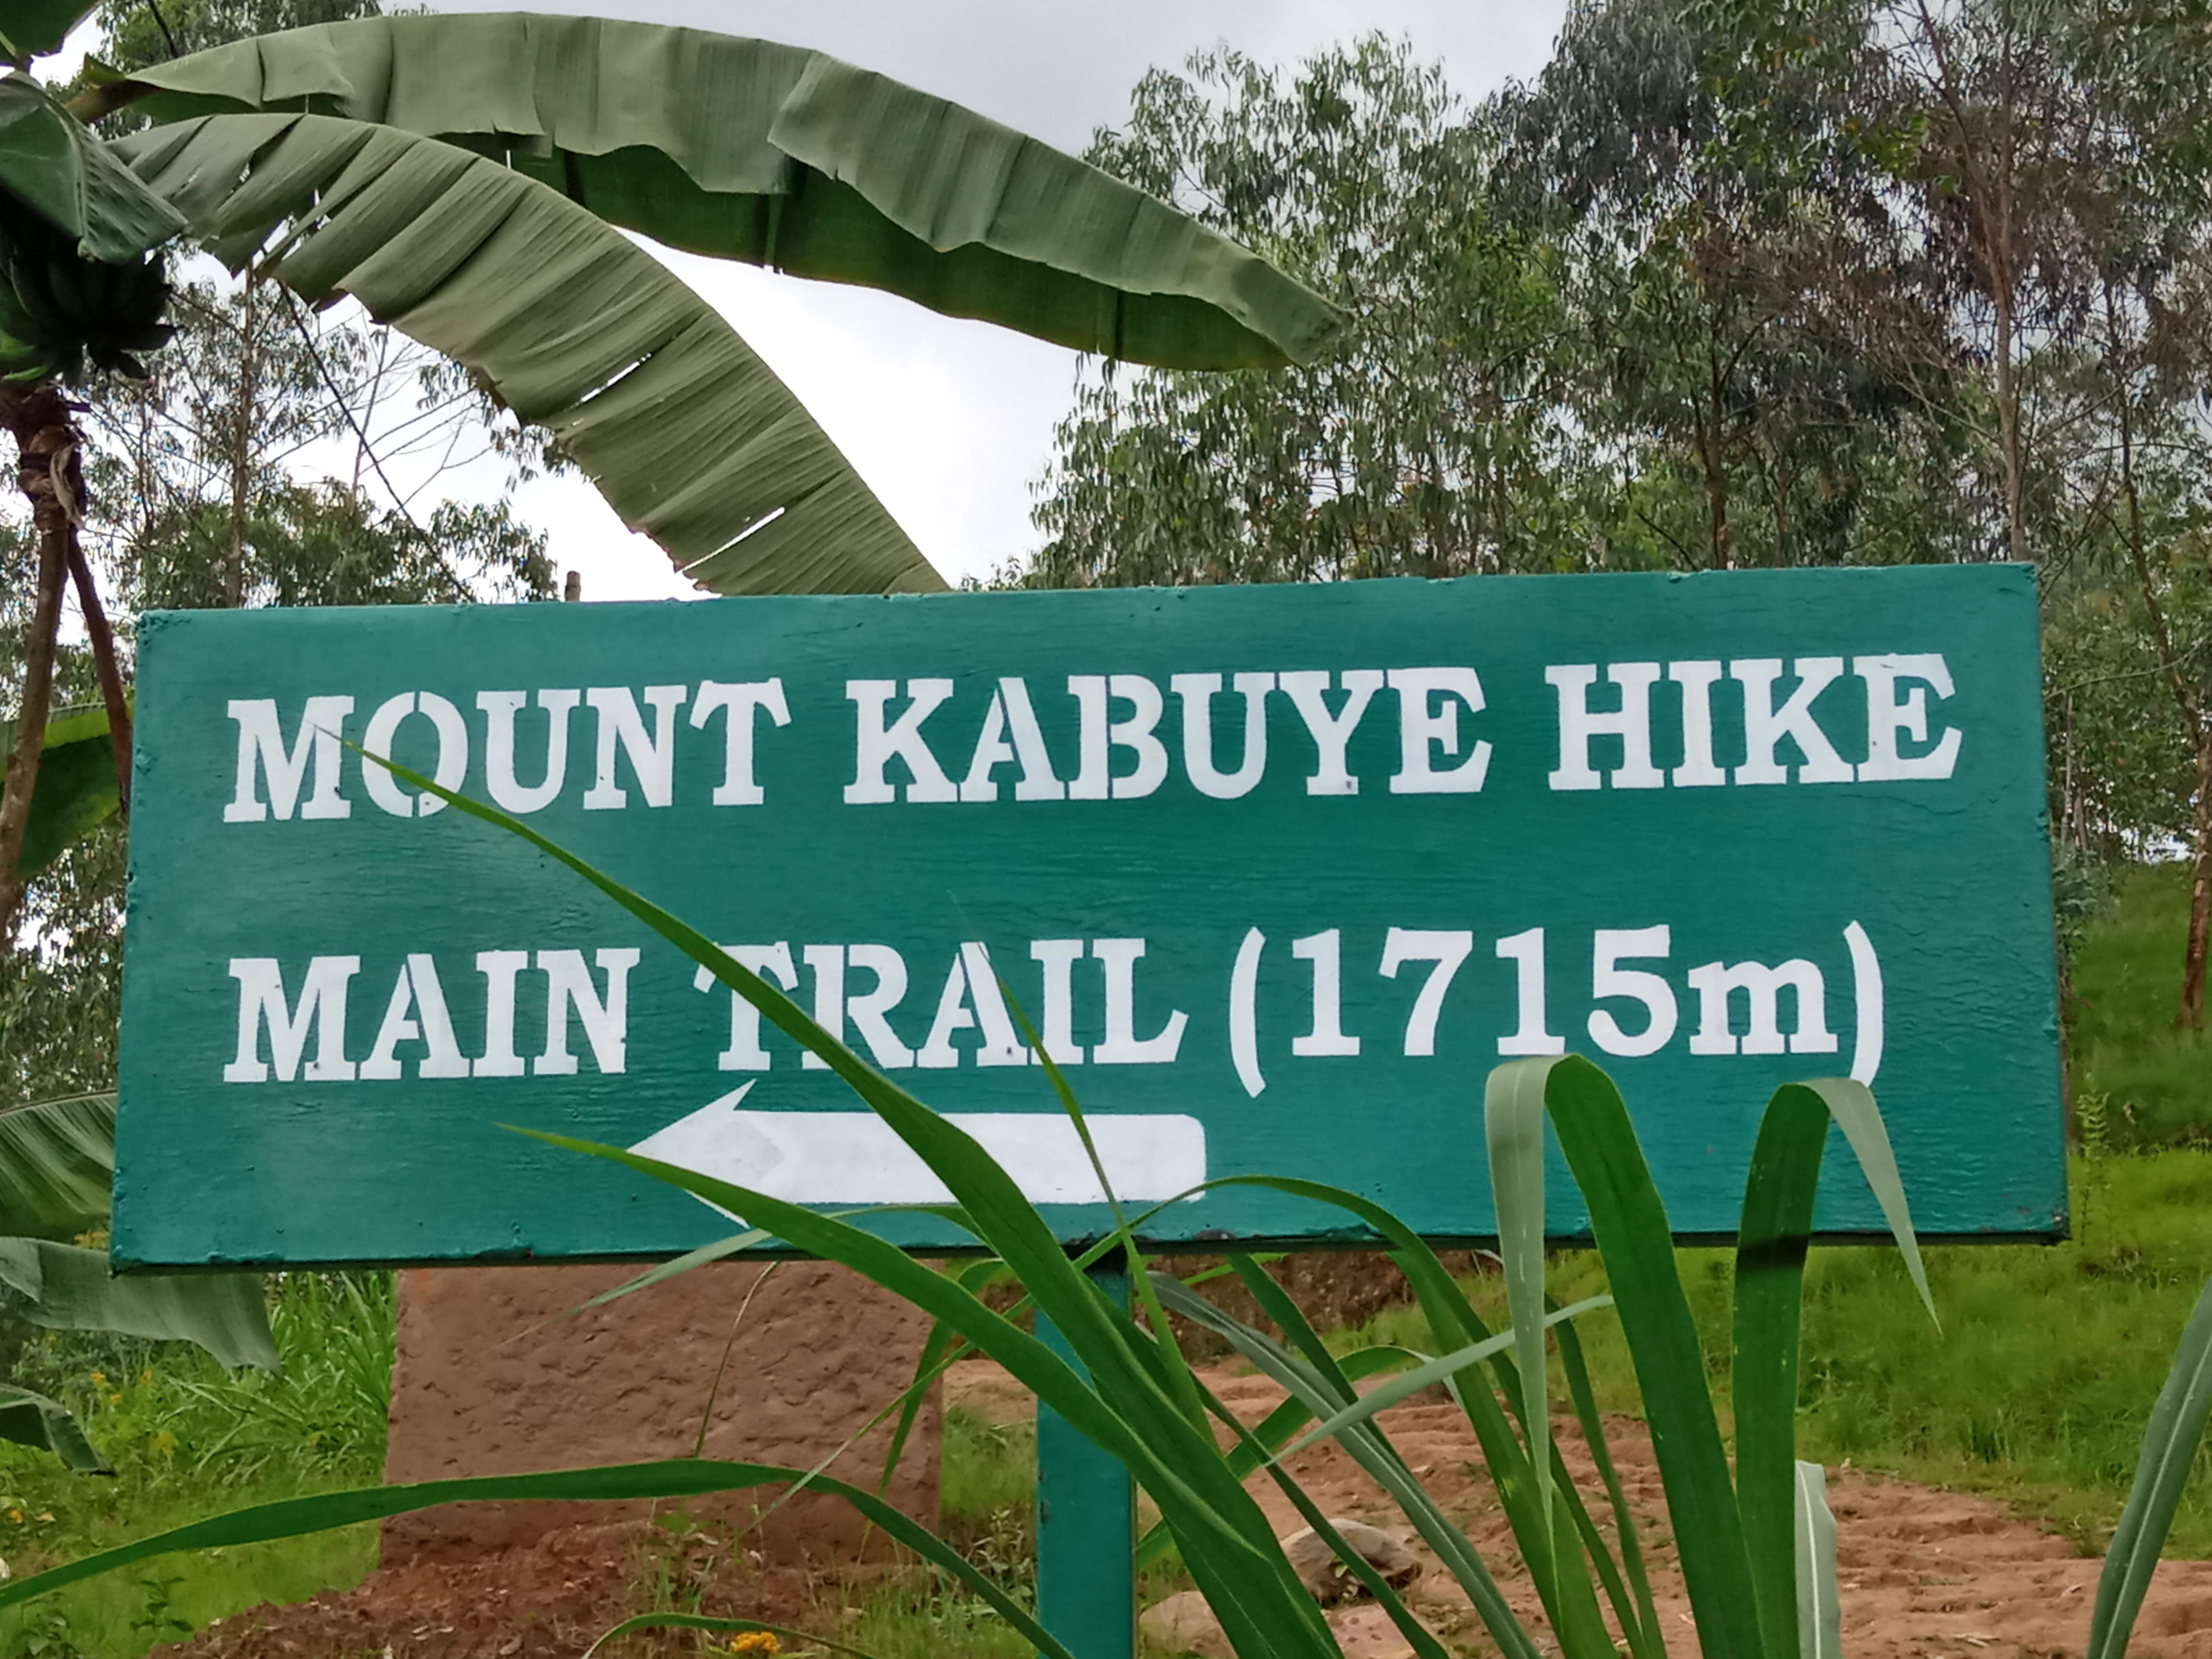 Mout Kabuye starting point main trail